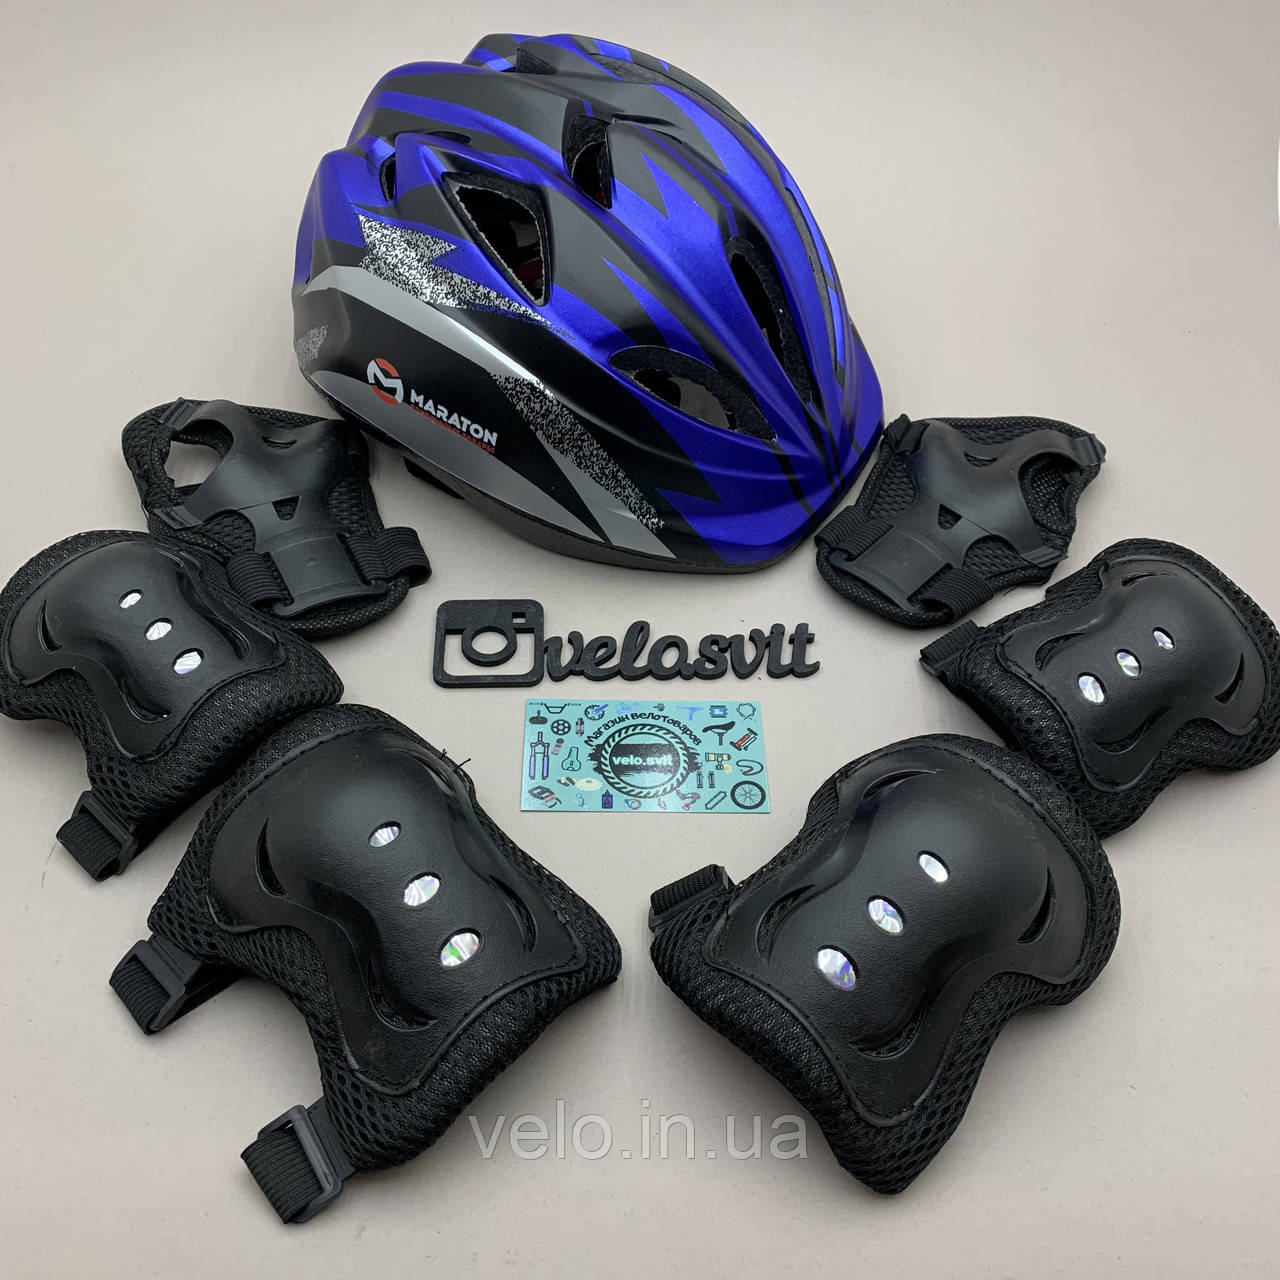 Фирменный комплект защиты, шлем Maraton+ наколенники, налокотники, перчатки